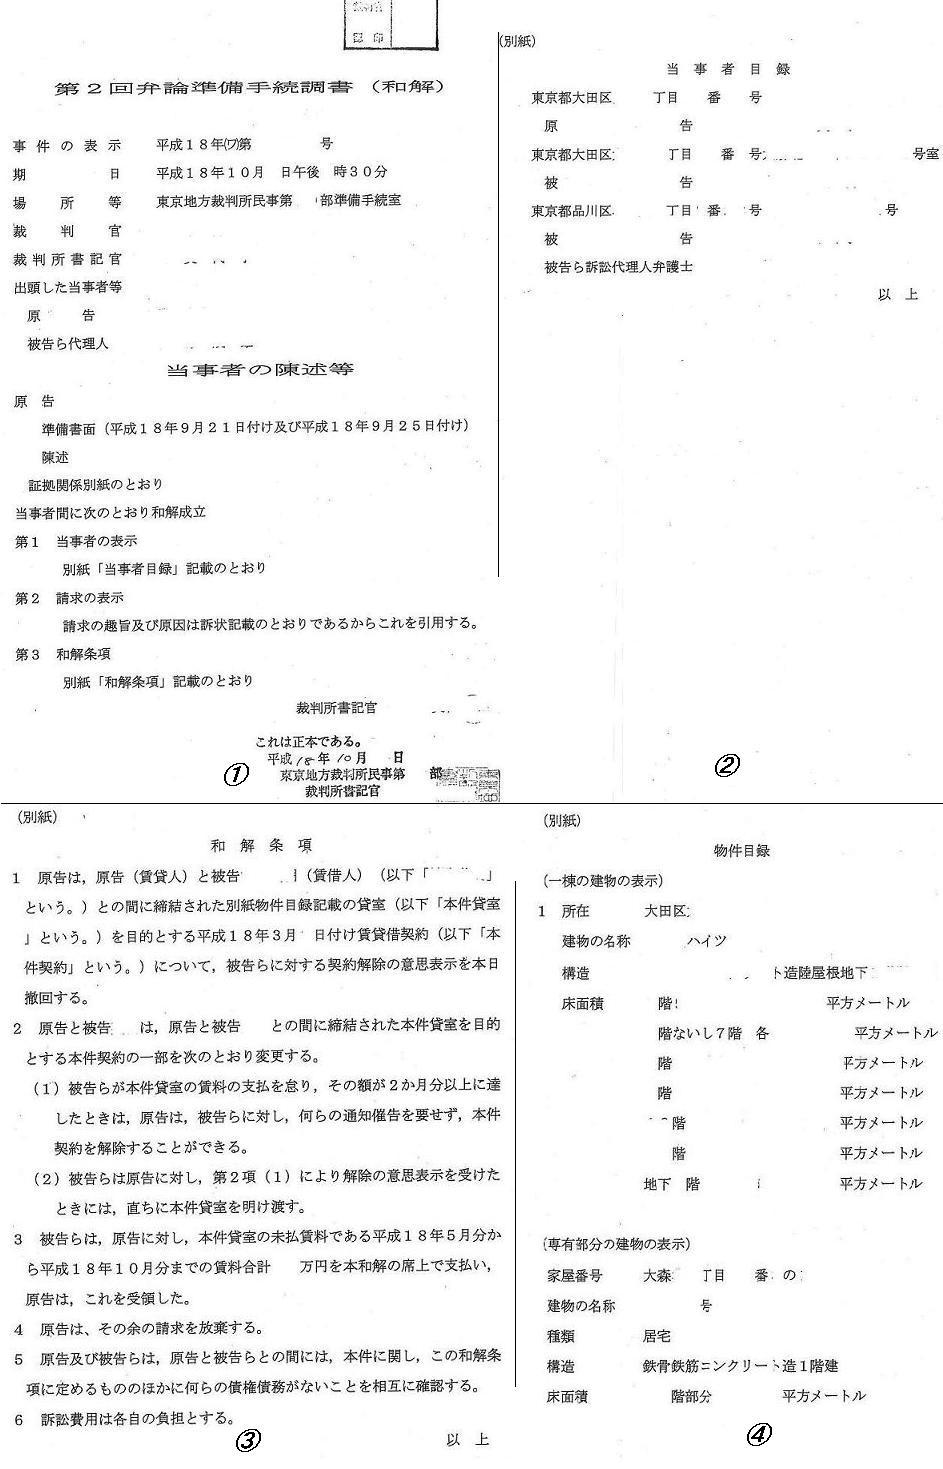 和解調書 - ひろしの日記